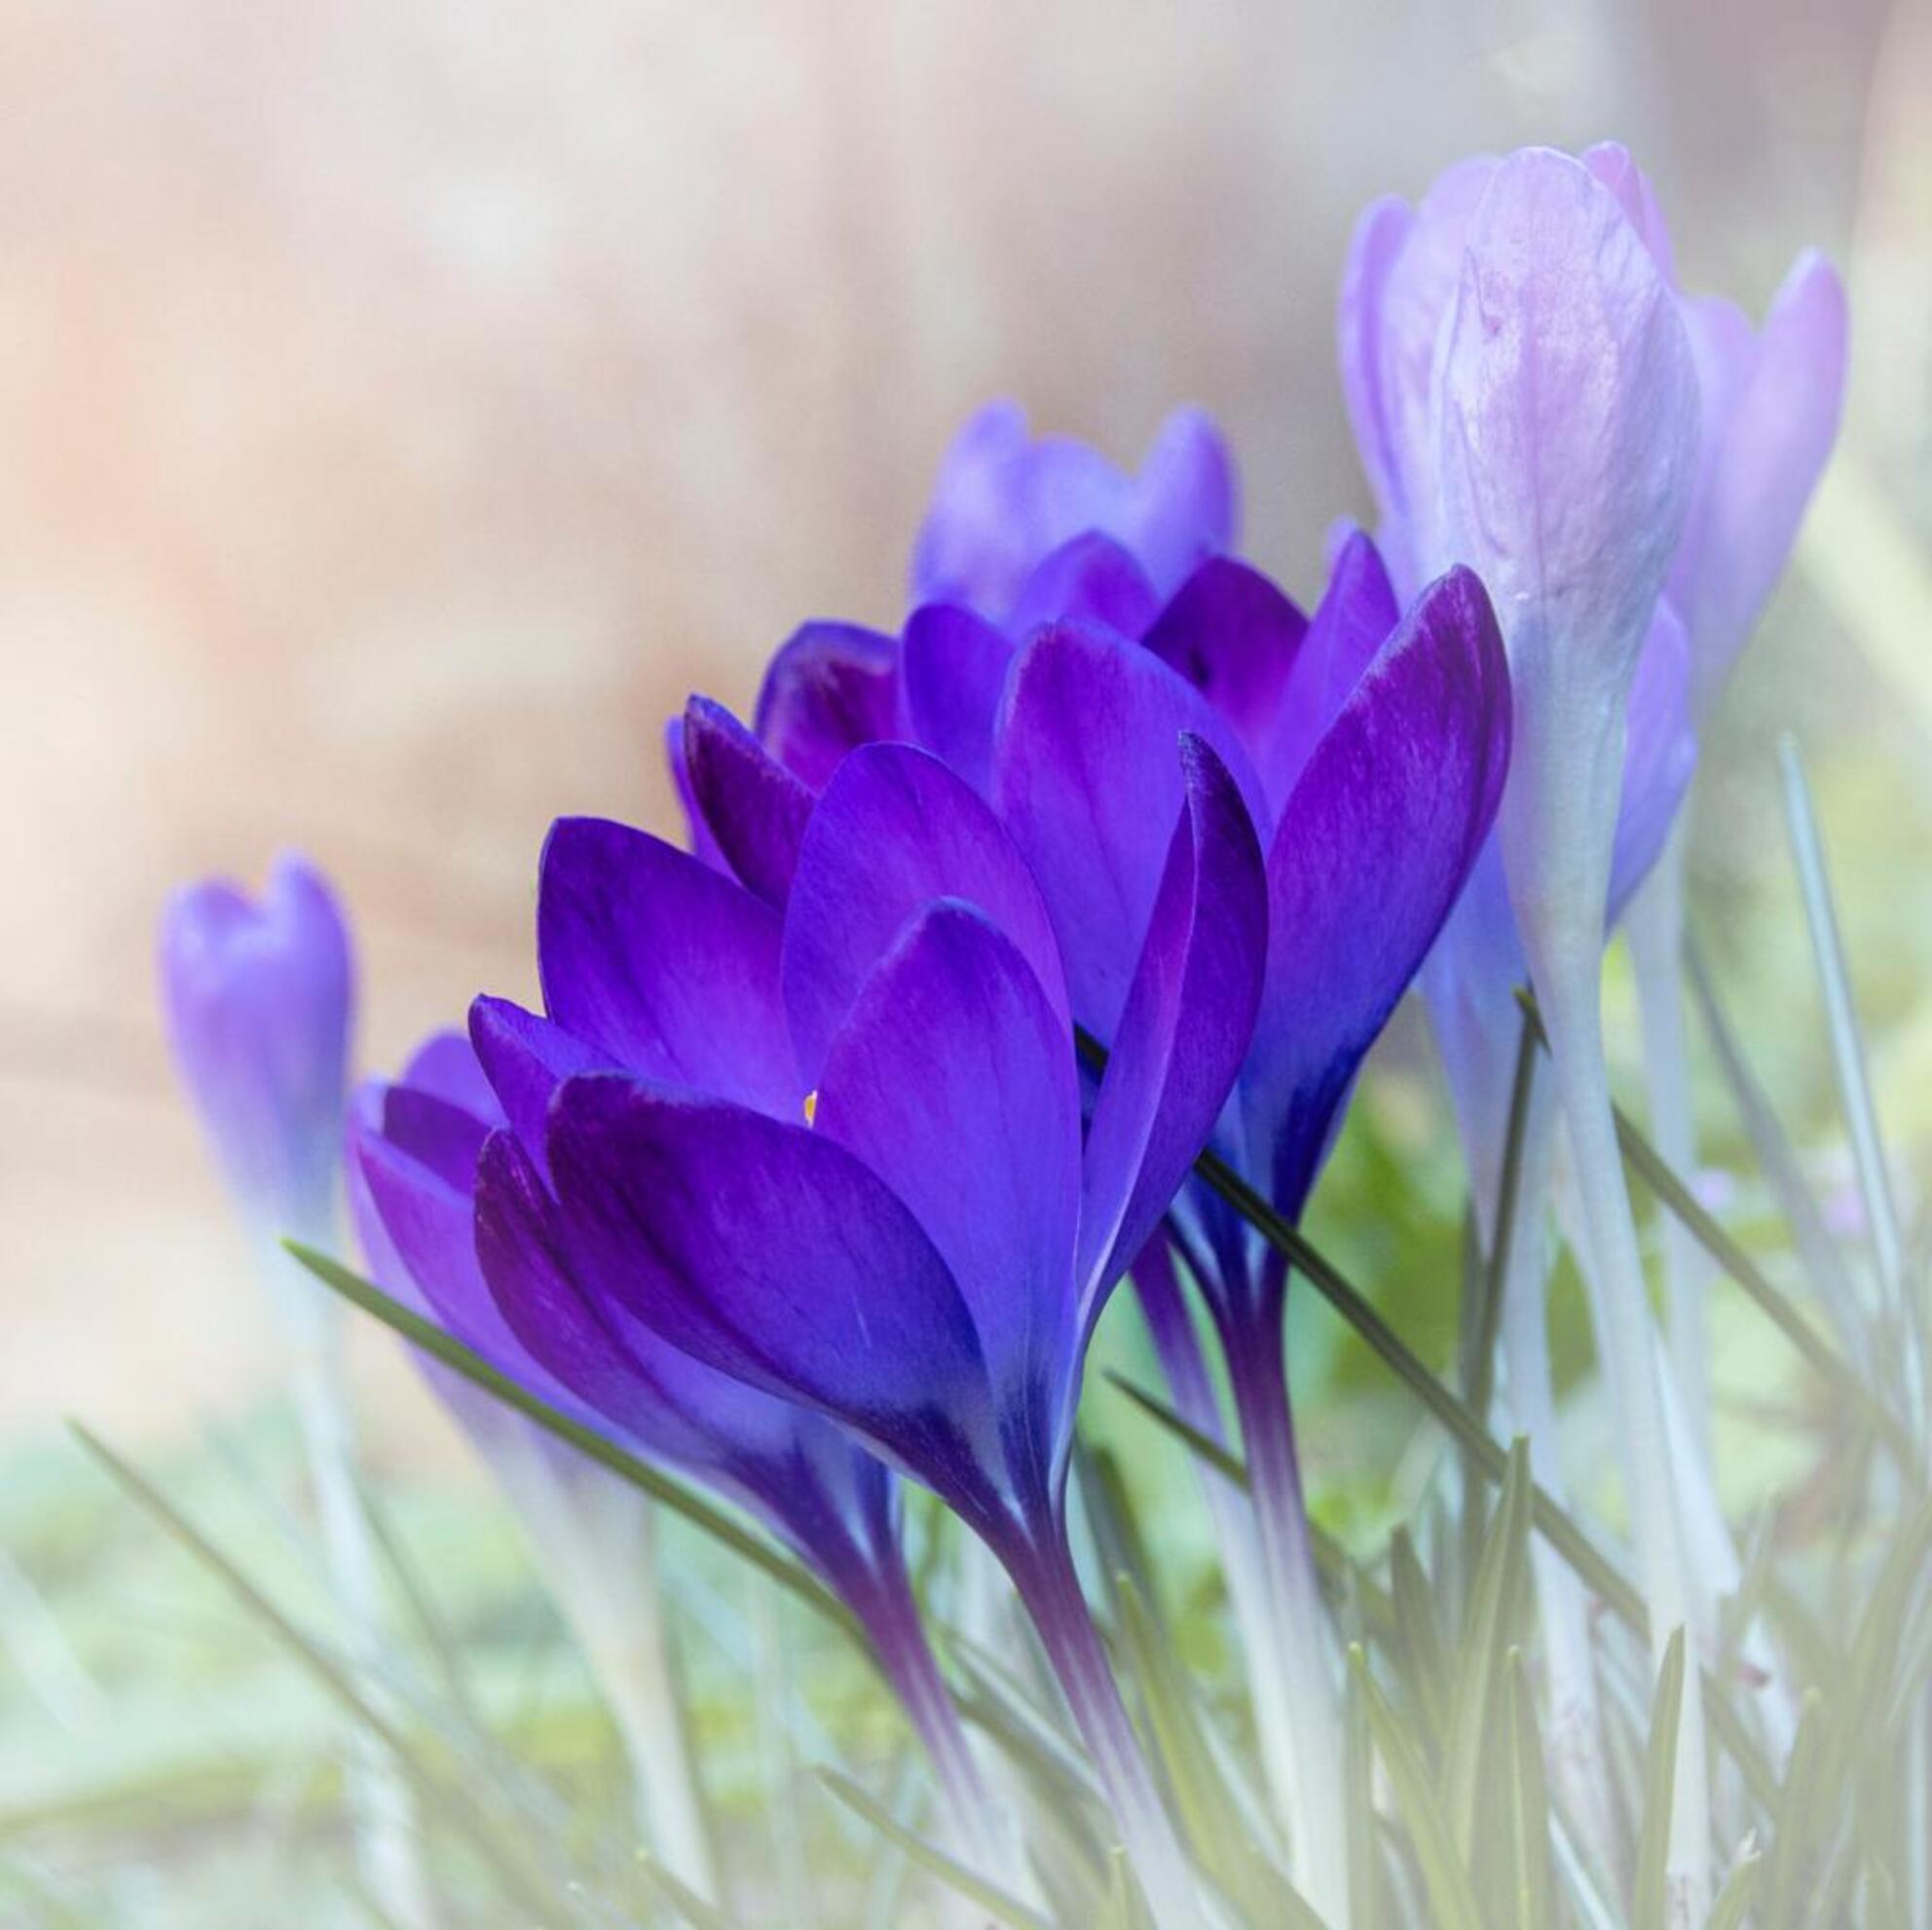 Voorjaar - - - foto door Peerfoto op 05-03-2021 - deze foto bevat: macro, bloem, lente, tuin - Deze foto mag gebruikt worden in een Zoom.nl publicatie